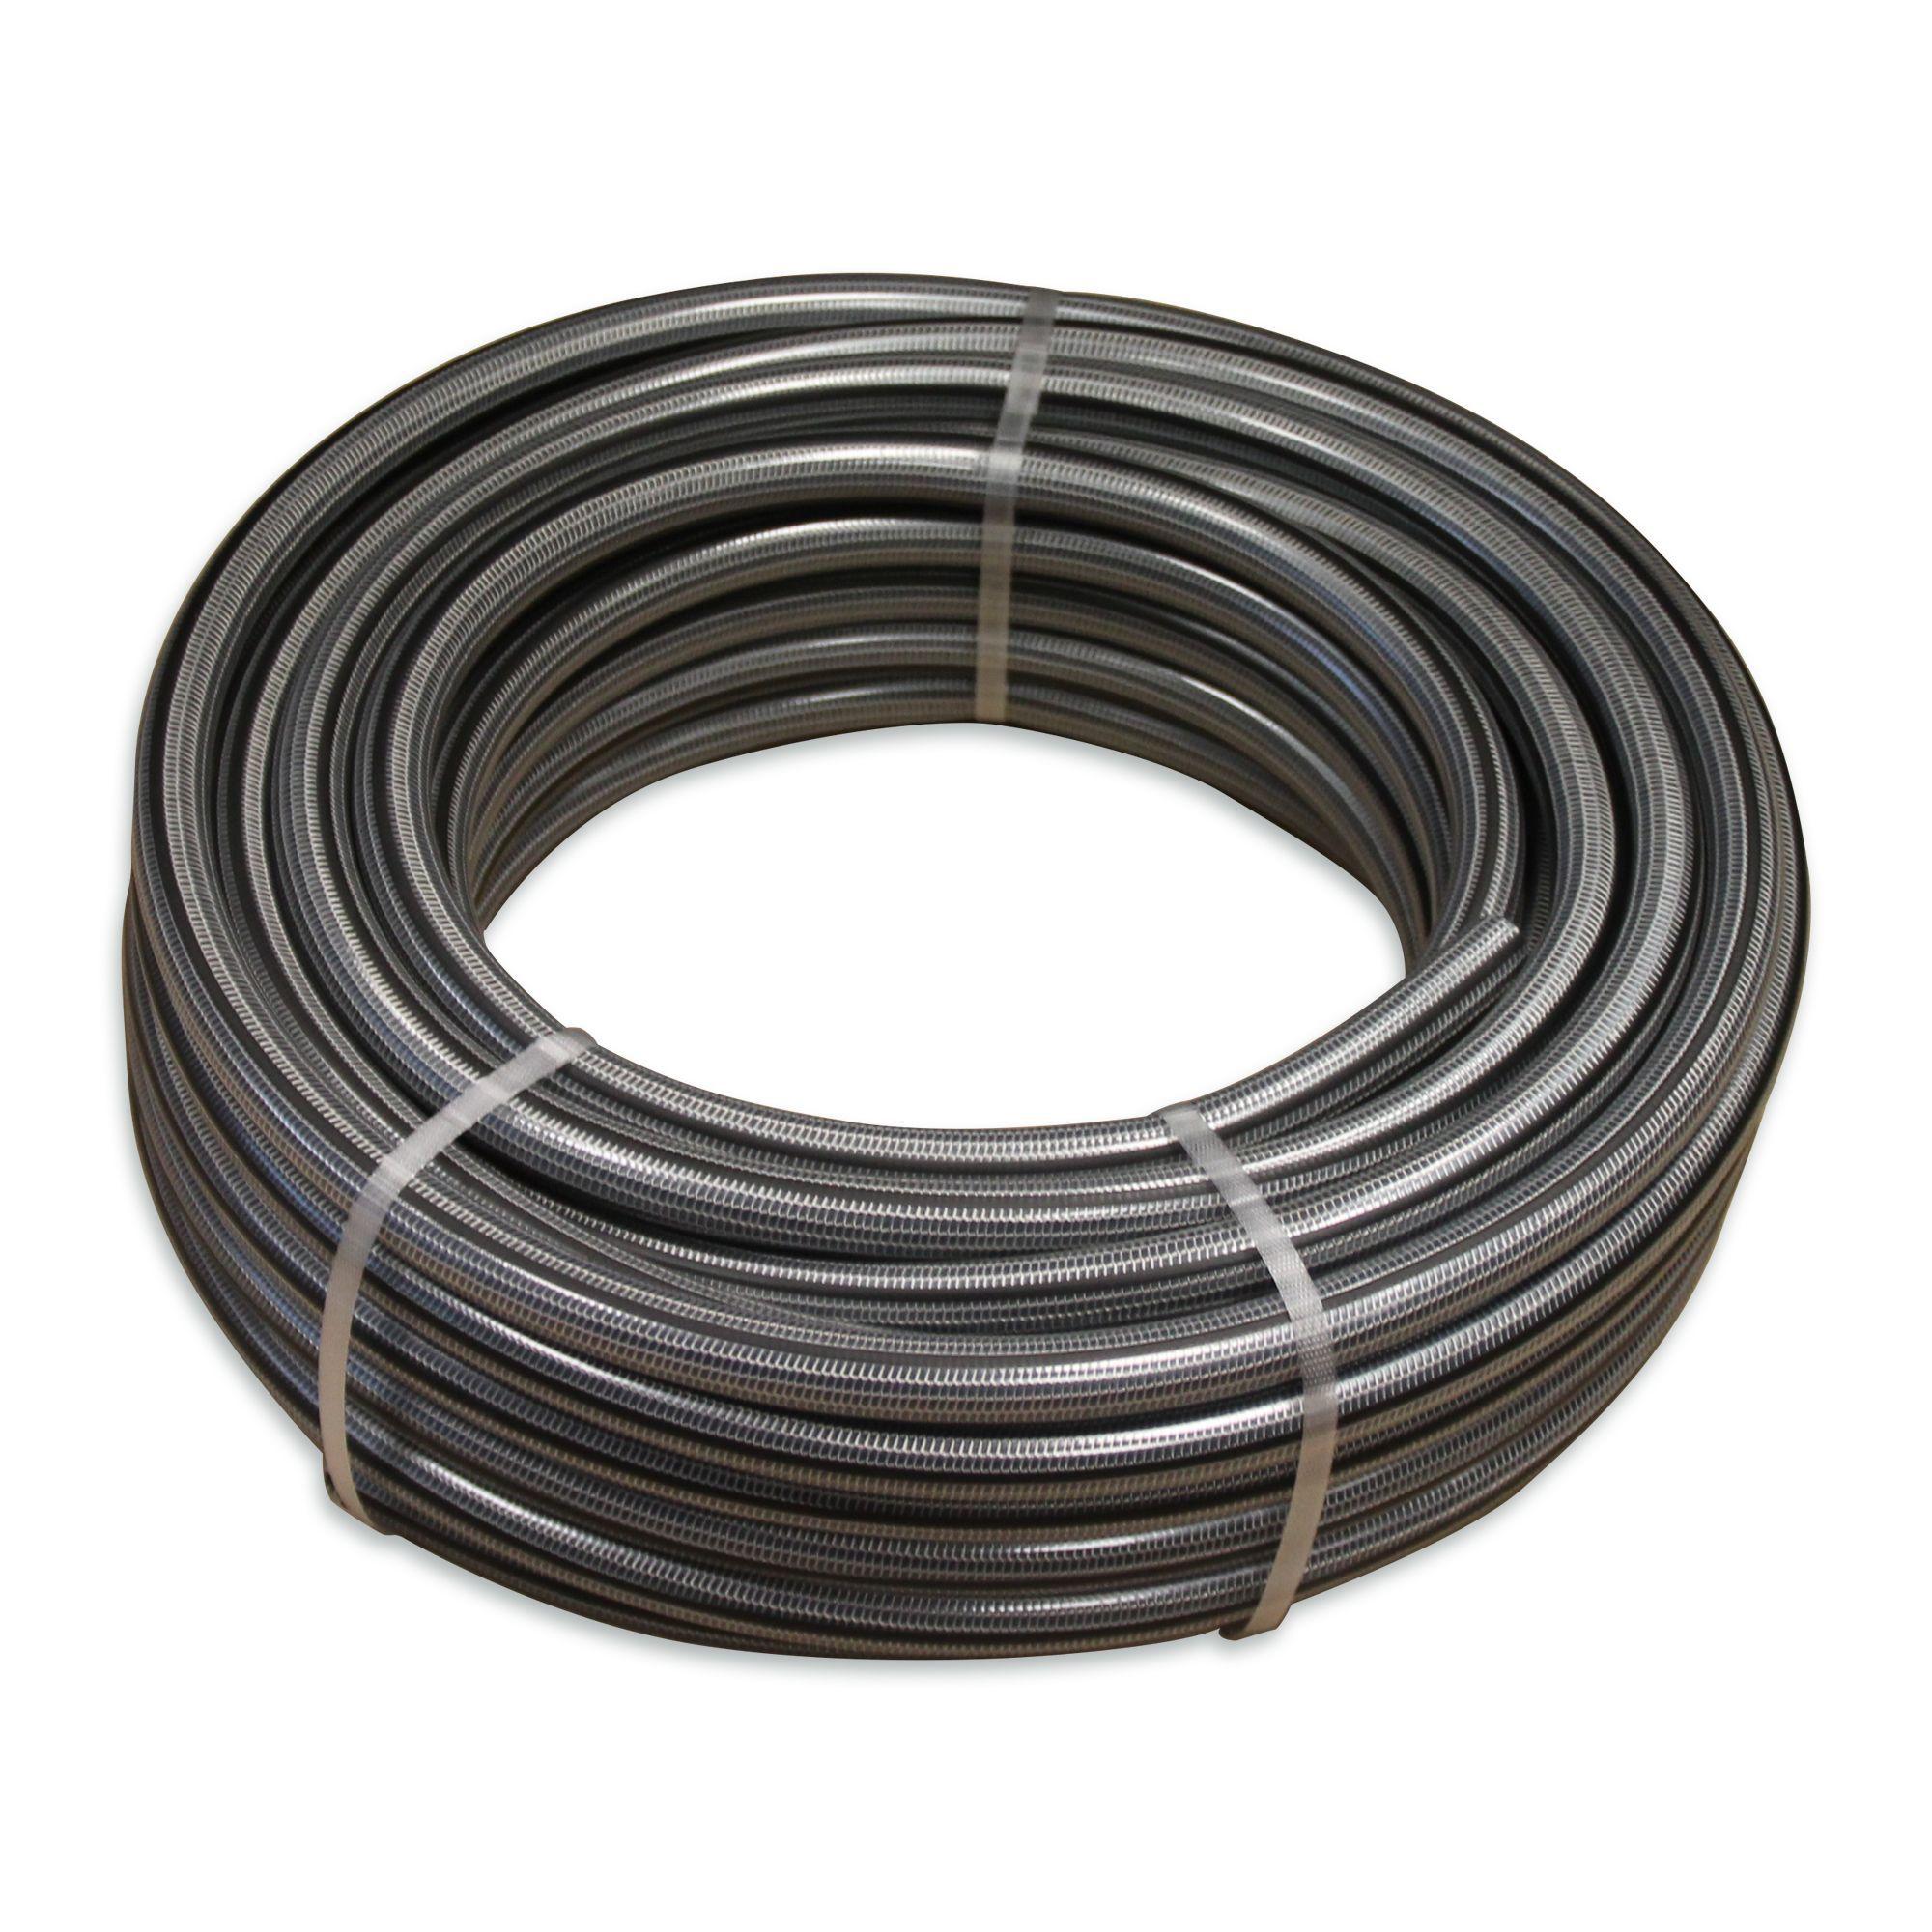 Verve Excellent Garden Hose Pipe L 25 M Departments